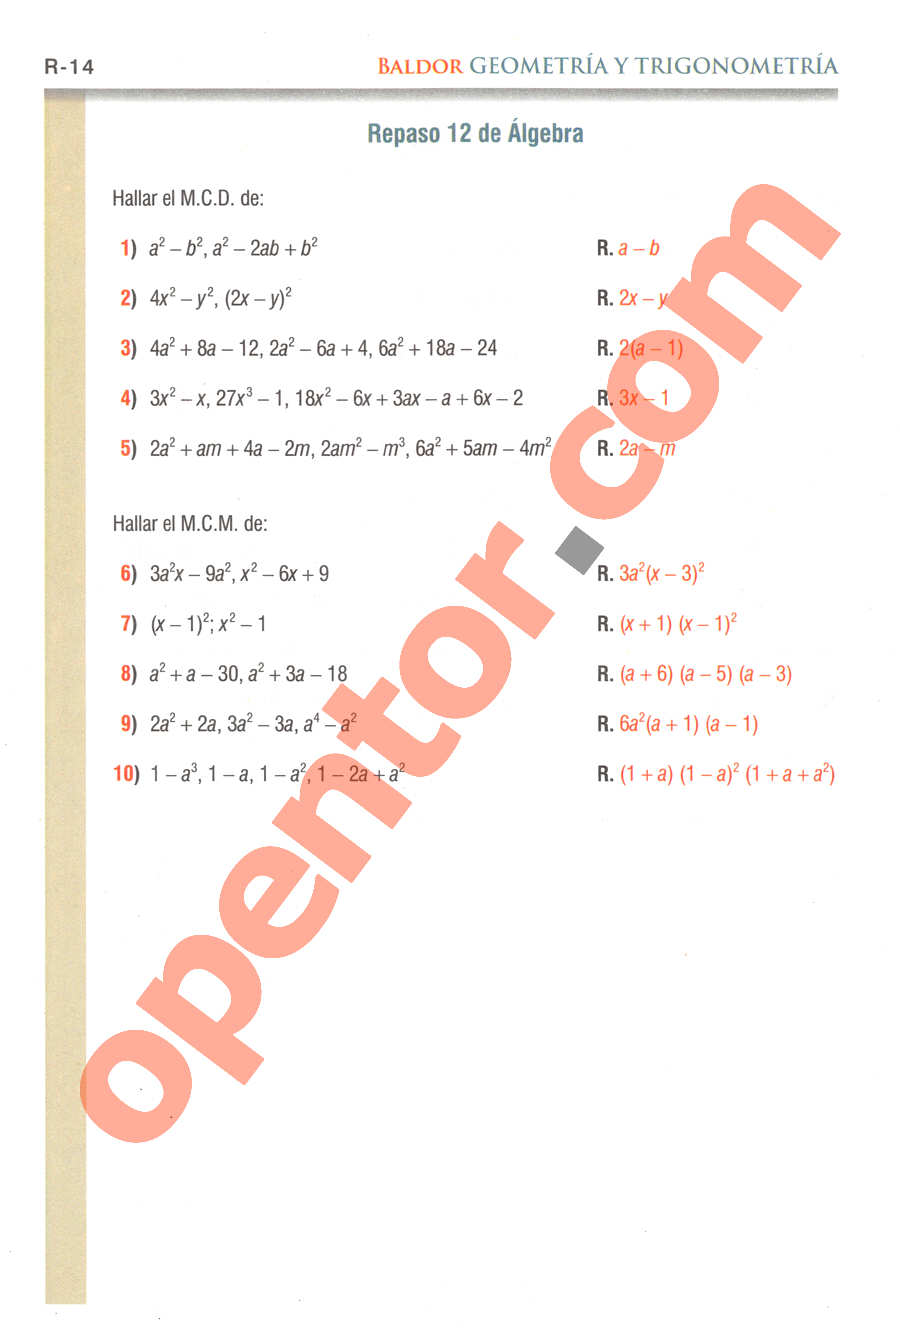 Geometría y Trigonometría de Baldor - Página R14